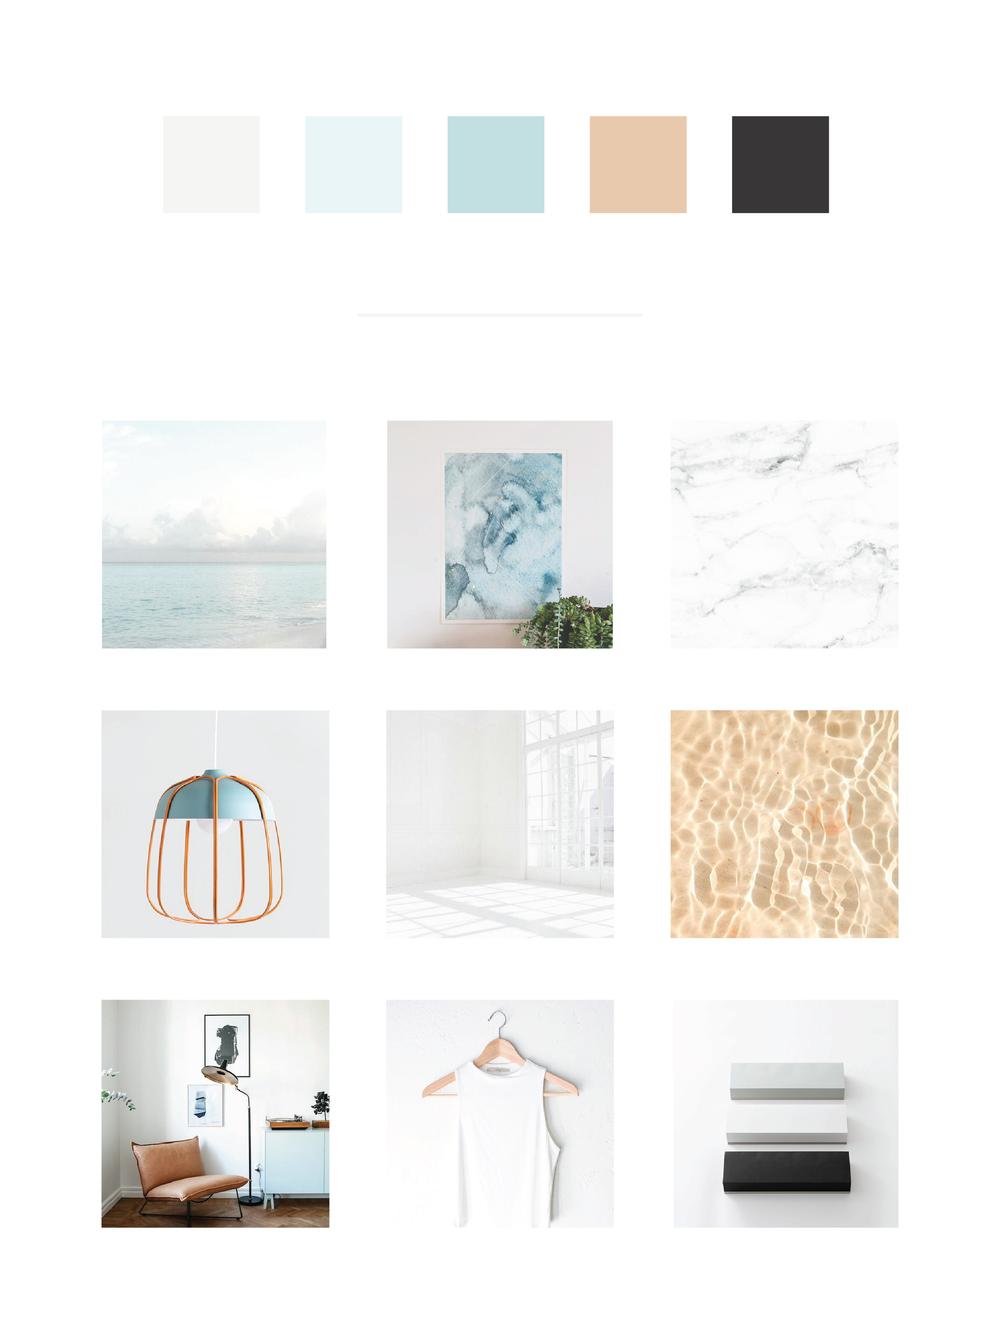 Mod Square Design navy, teal, sky blue color palette